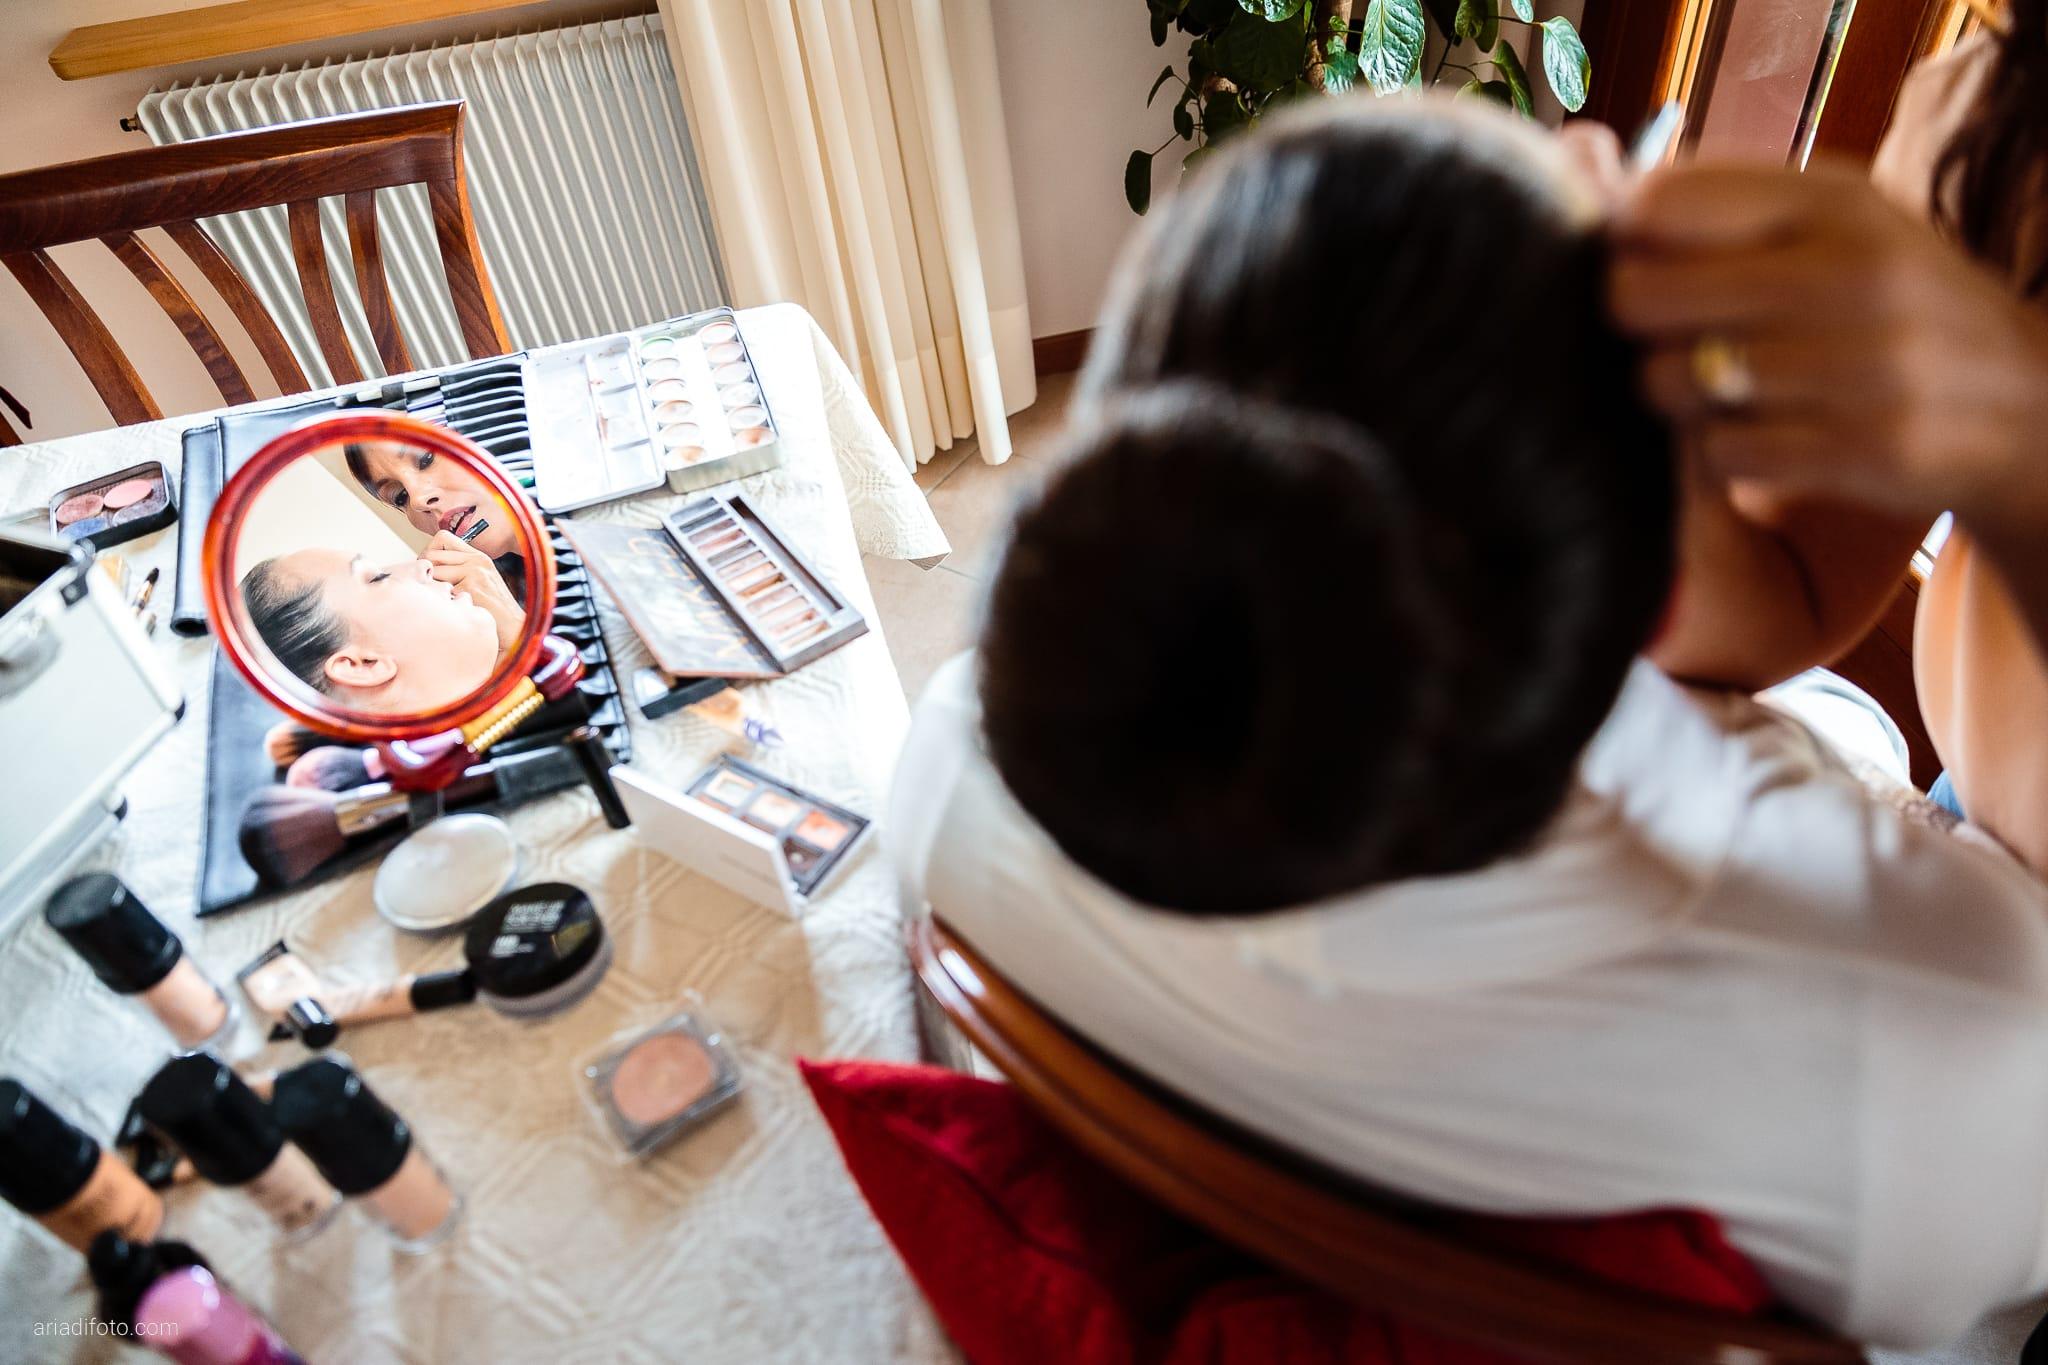 Eleonora Andrea Matrimonio Castello Papadopoli Giol San Polo Piave Treviso preparativi trucco specchio riflesso